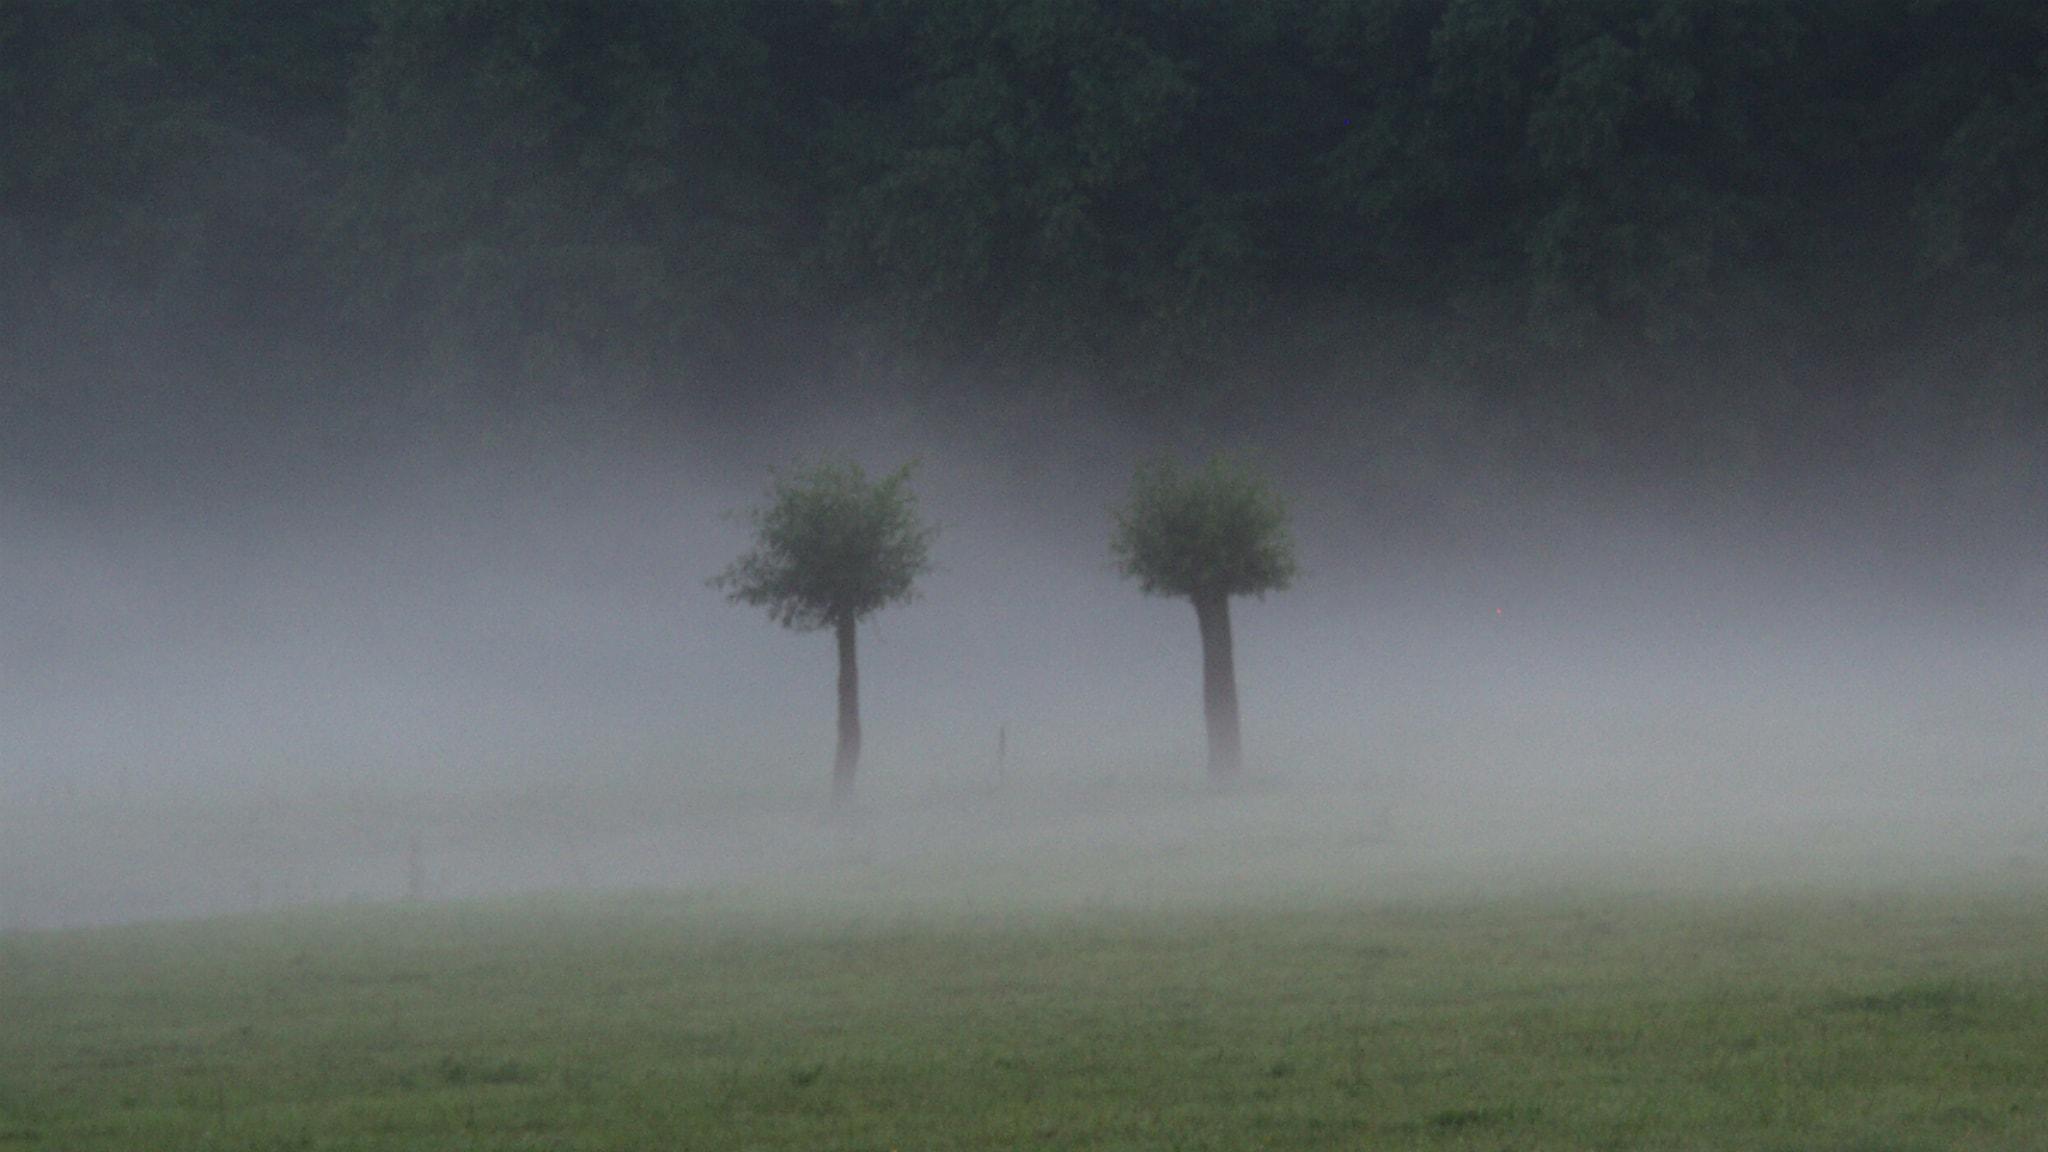 Träd. Foto: Rogiro/flickr